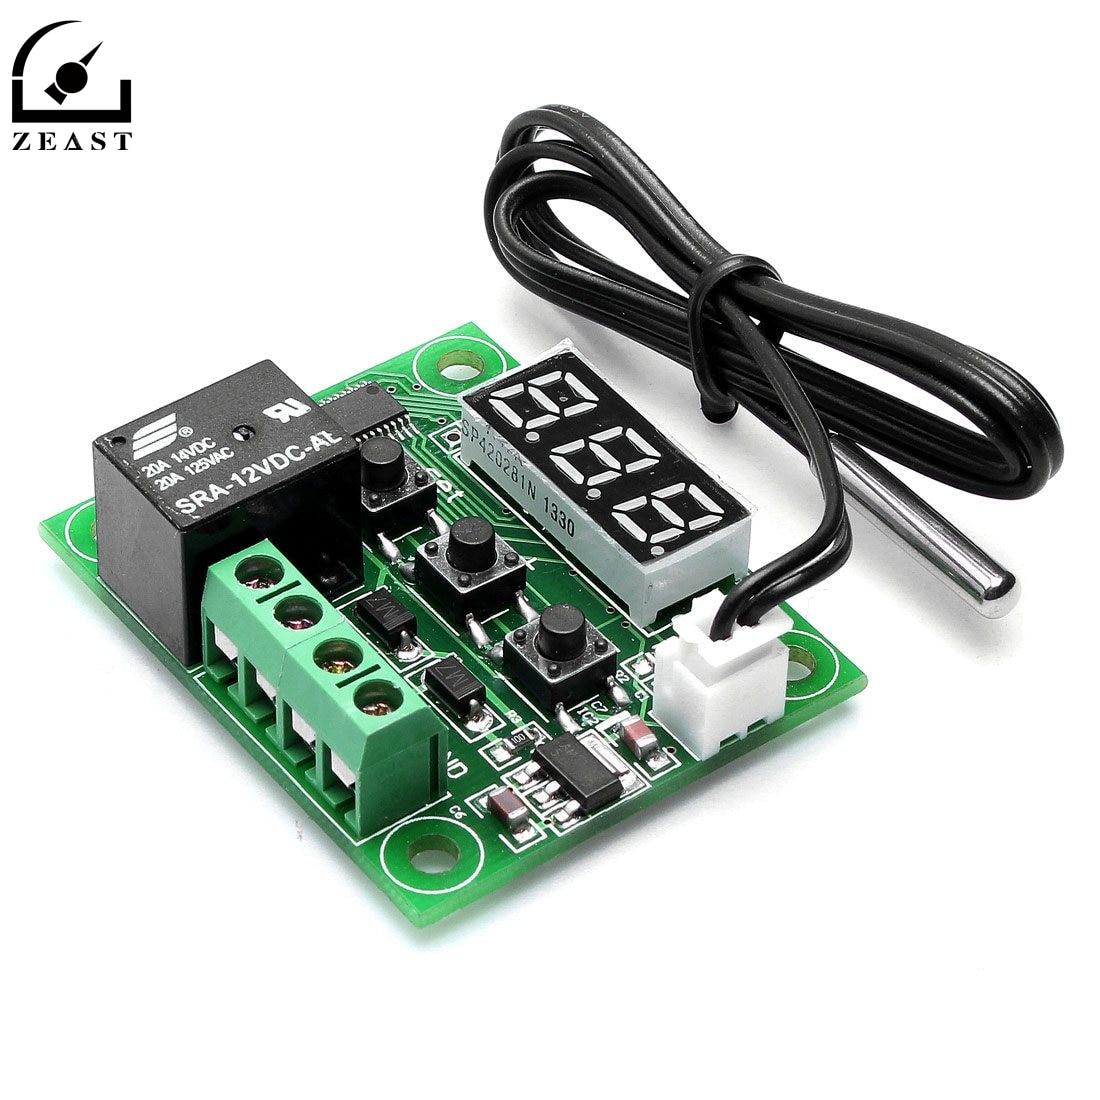 схема терморегулятор на контроллере до 300 градусов